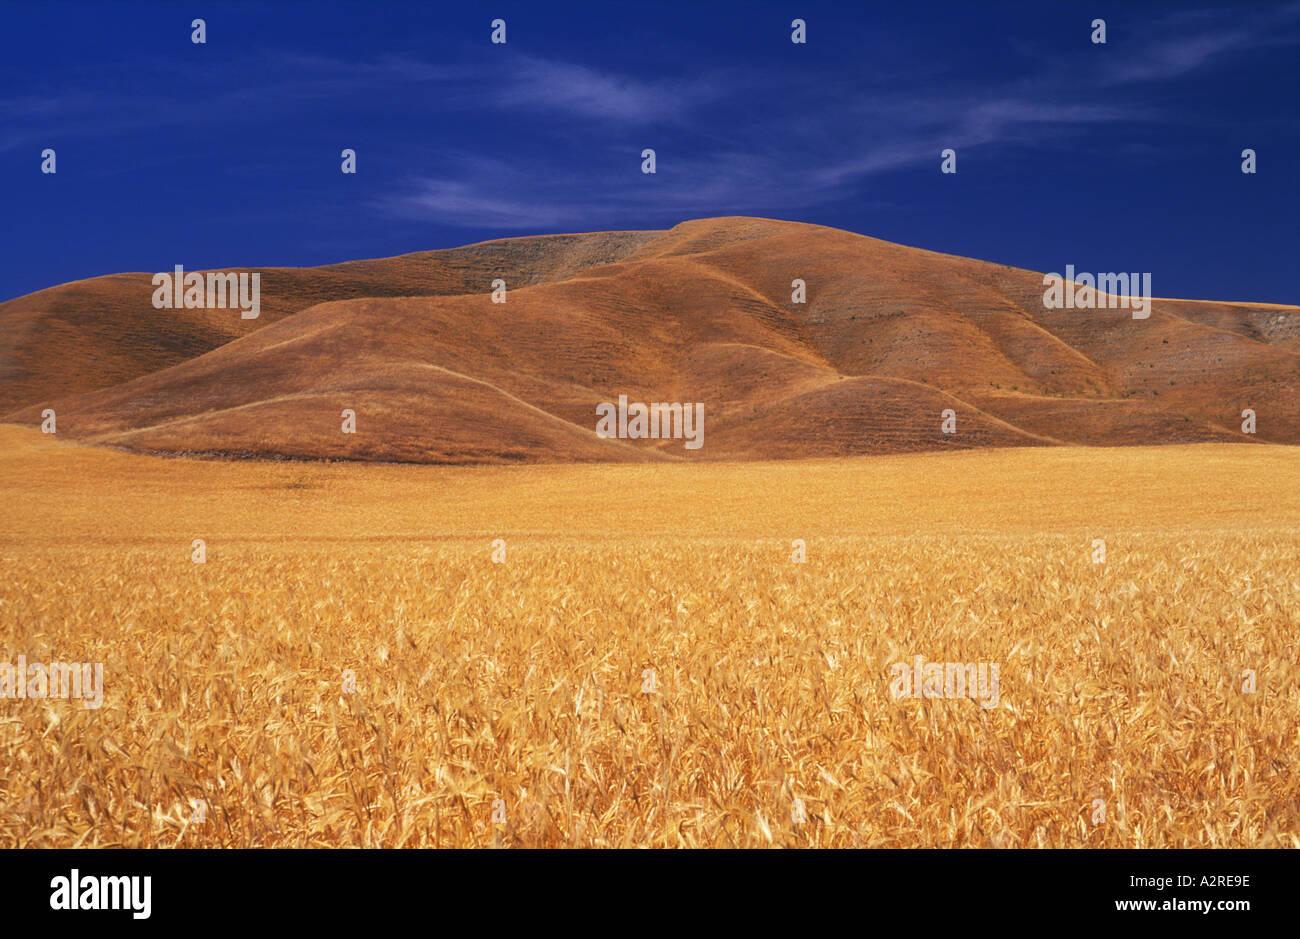 USA California Paso Robles wheat field - Stock Image